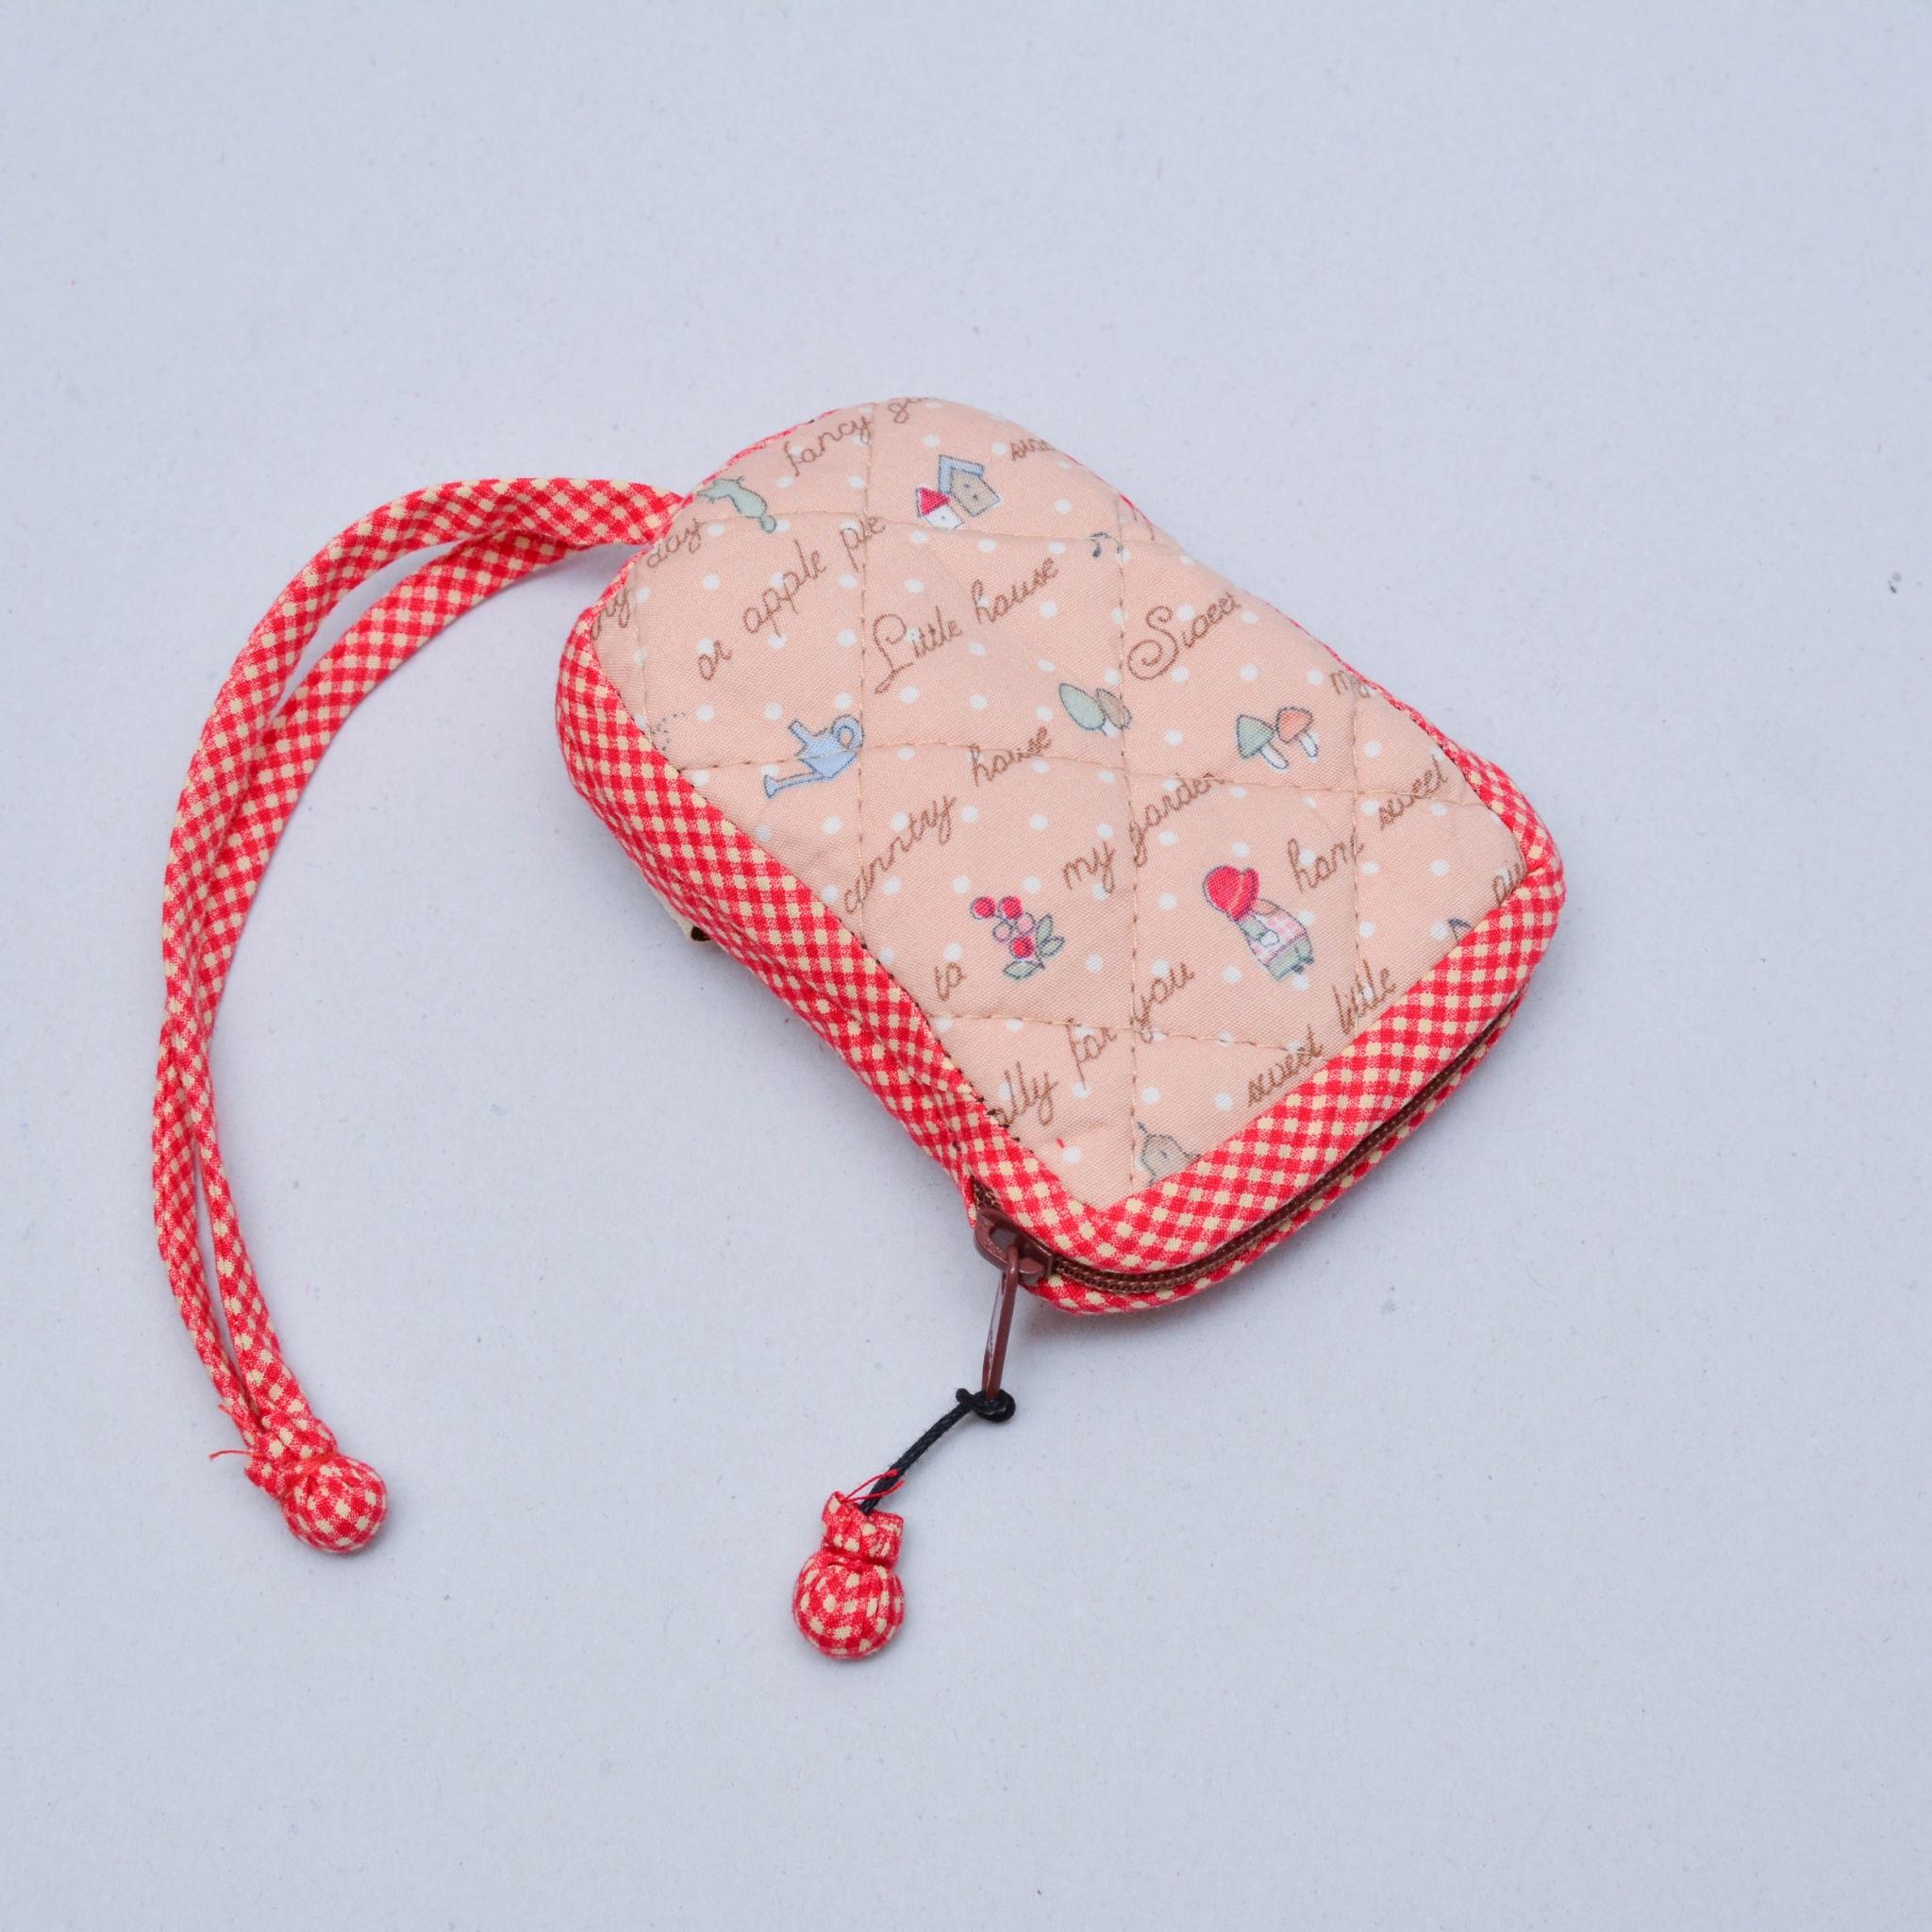 กระเป๋าใส่กุญแจ สีแดง No.05